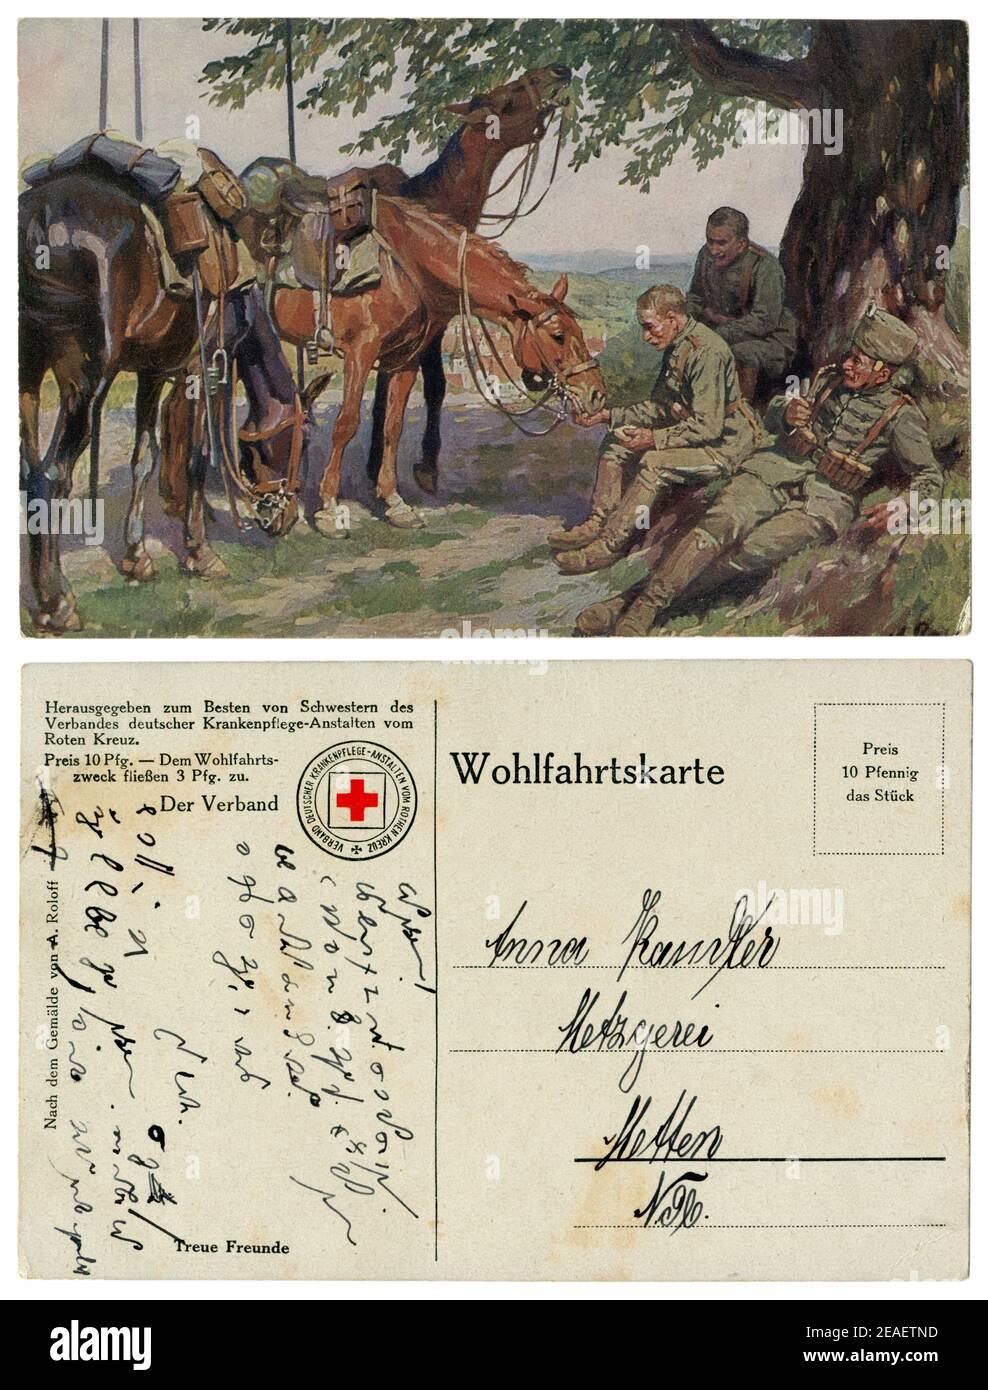 Carte postale historique allemande : hussards de Cavalry « trois amis » sur un arrêt à l'ombre d'un arbre. On fume un tuyau. L'autre alimente le cheval. Grande guerre Banque D'Images